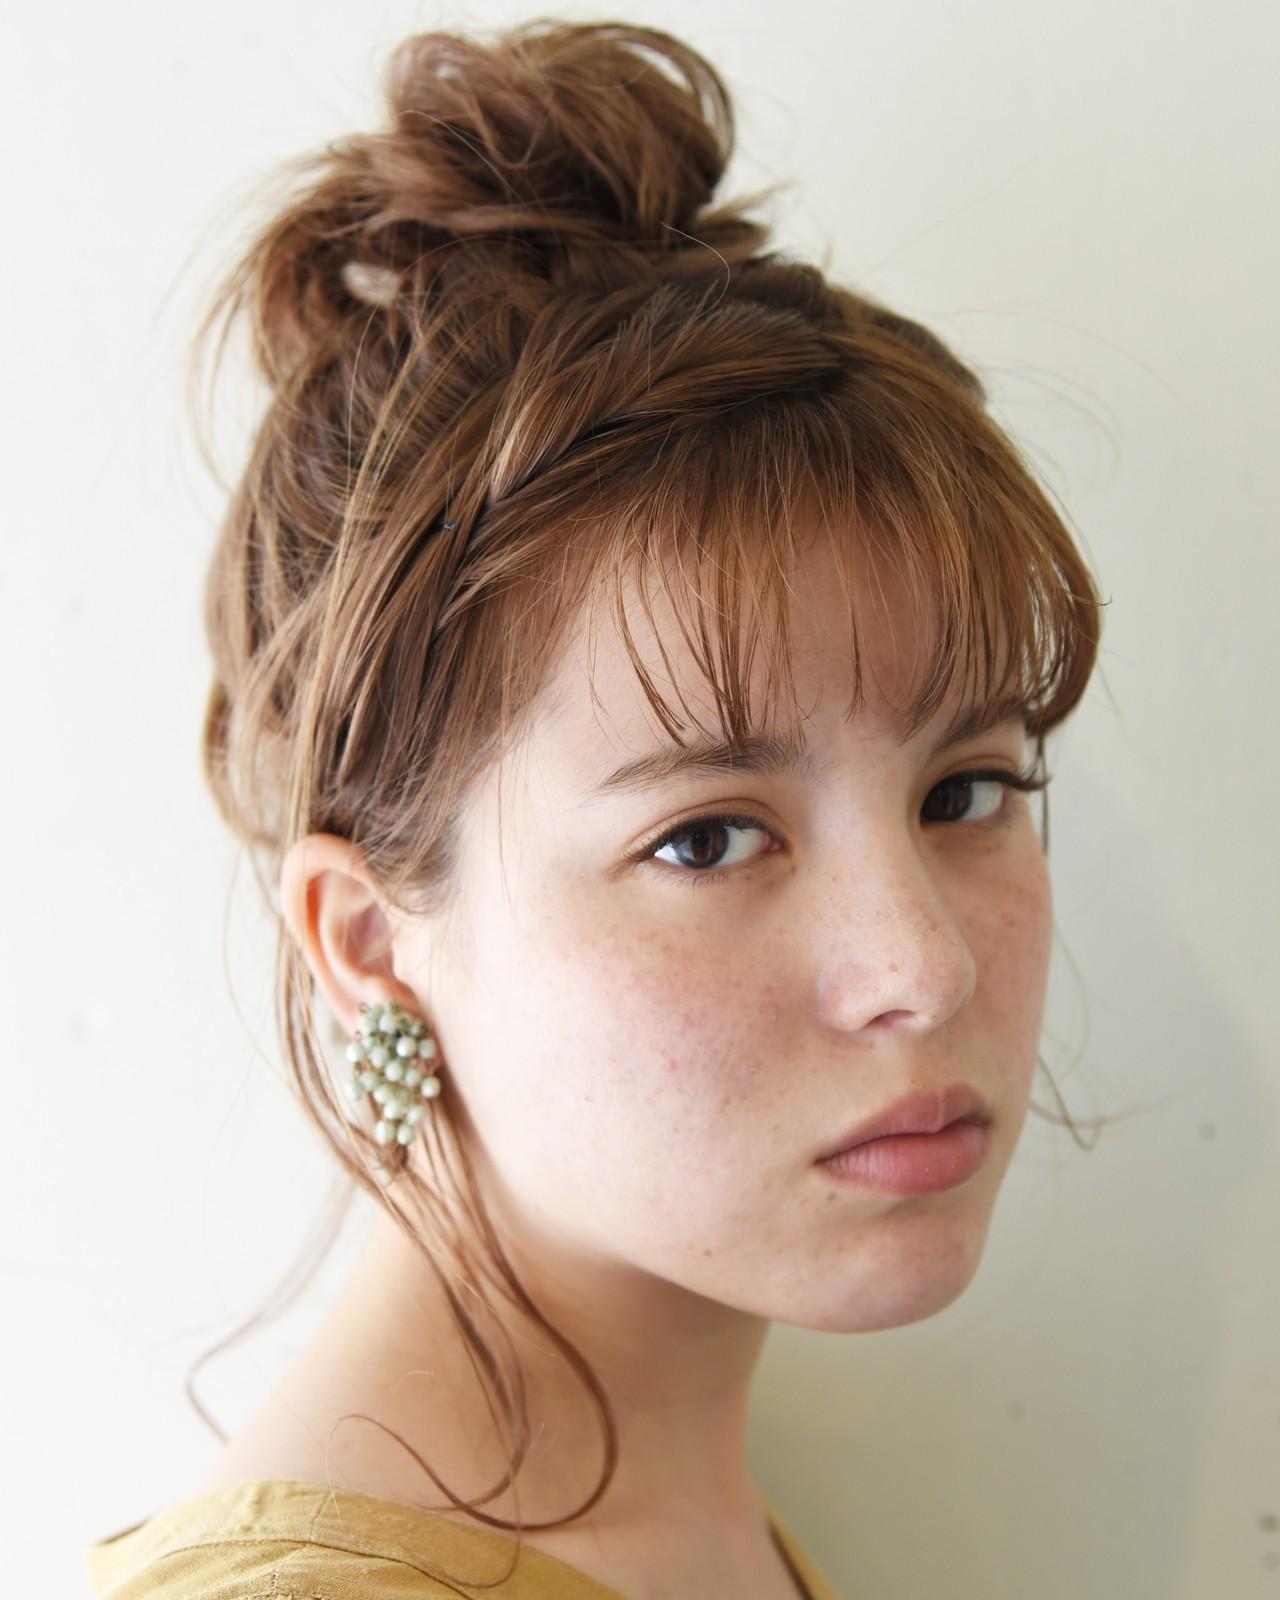 セミロング ヘアアレンジ 涼しげ 大人かわいい ヘアスタイルや髪型の写真・画像